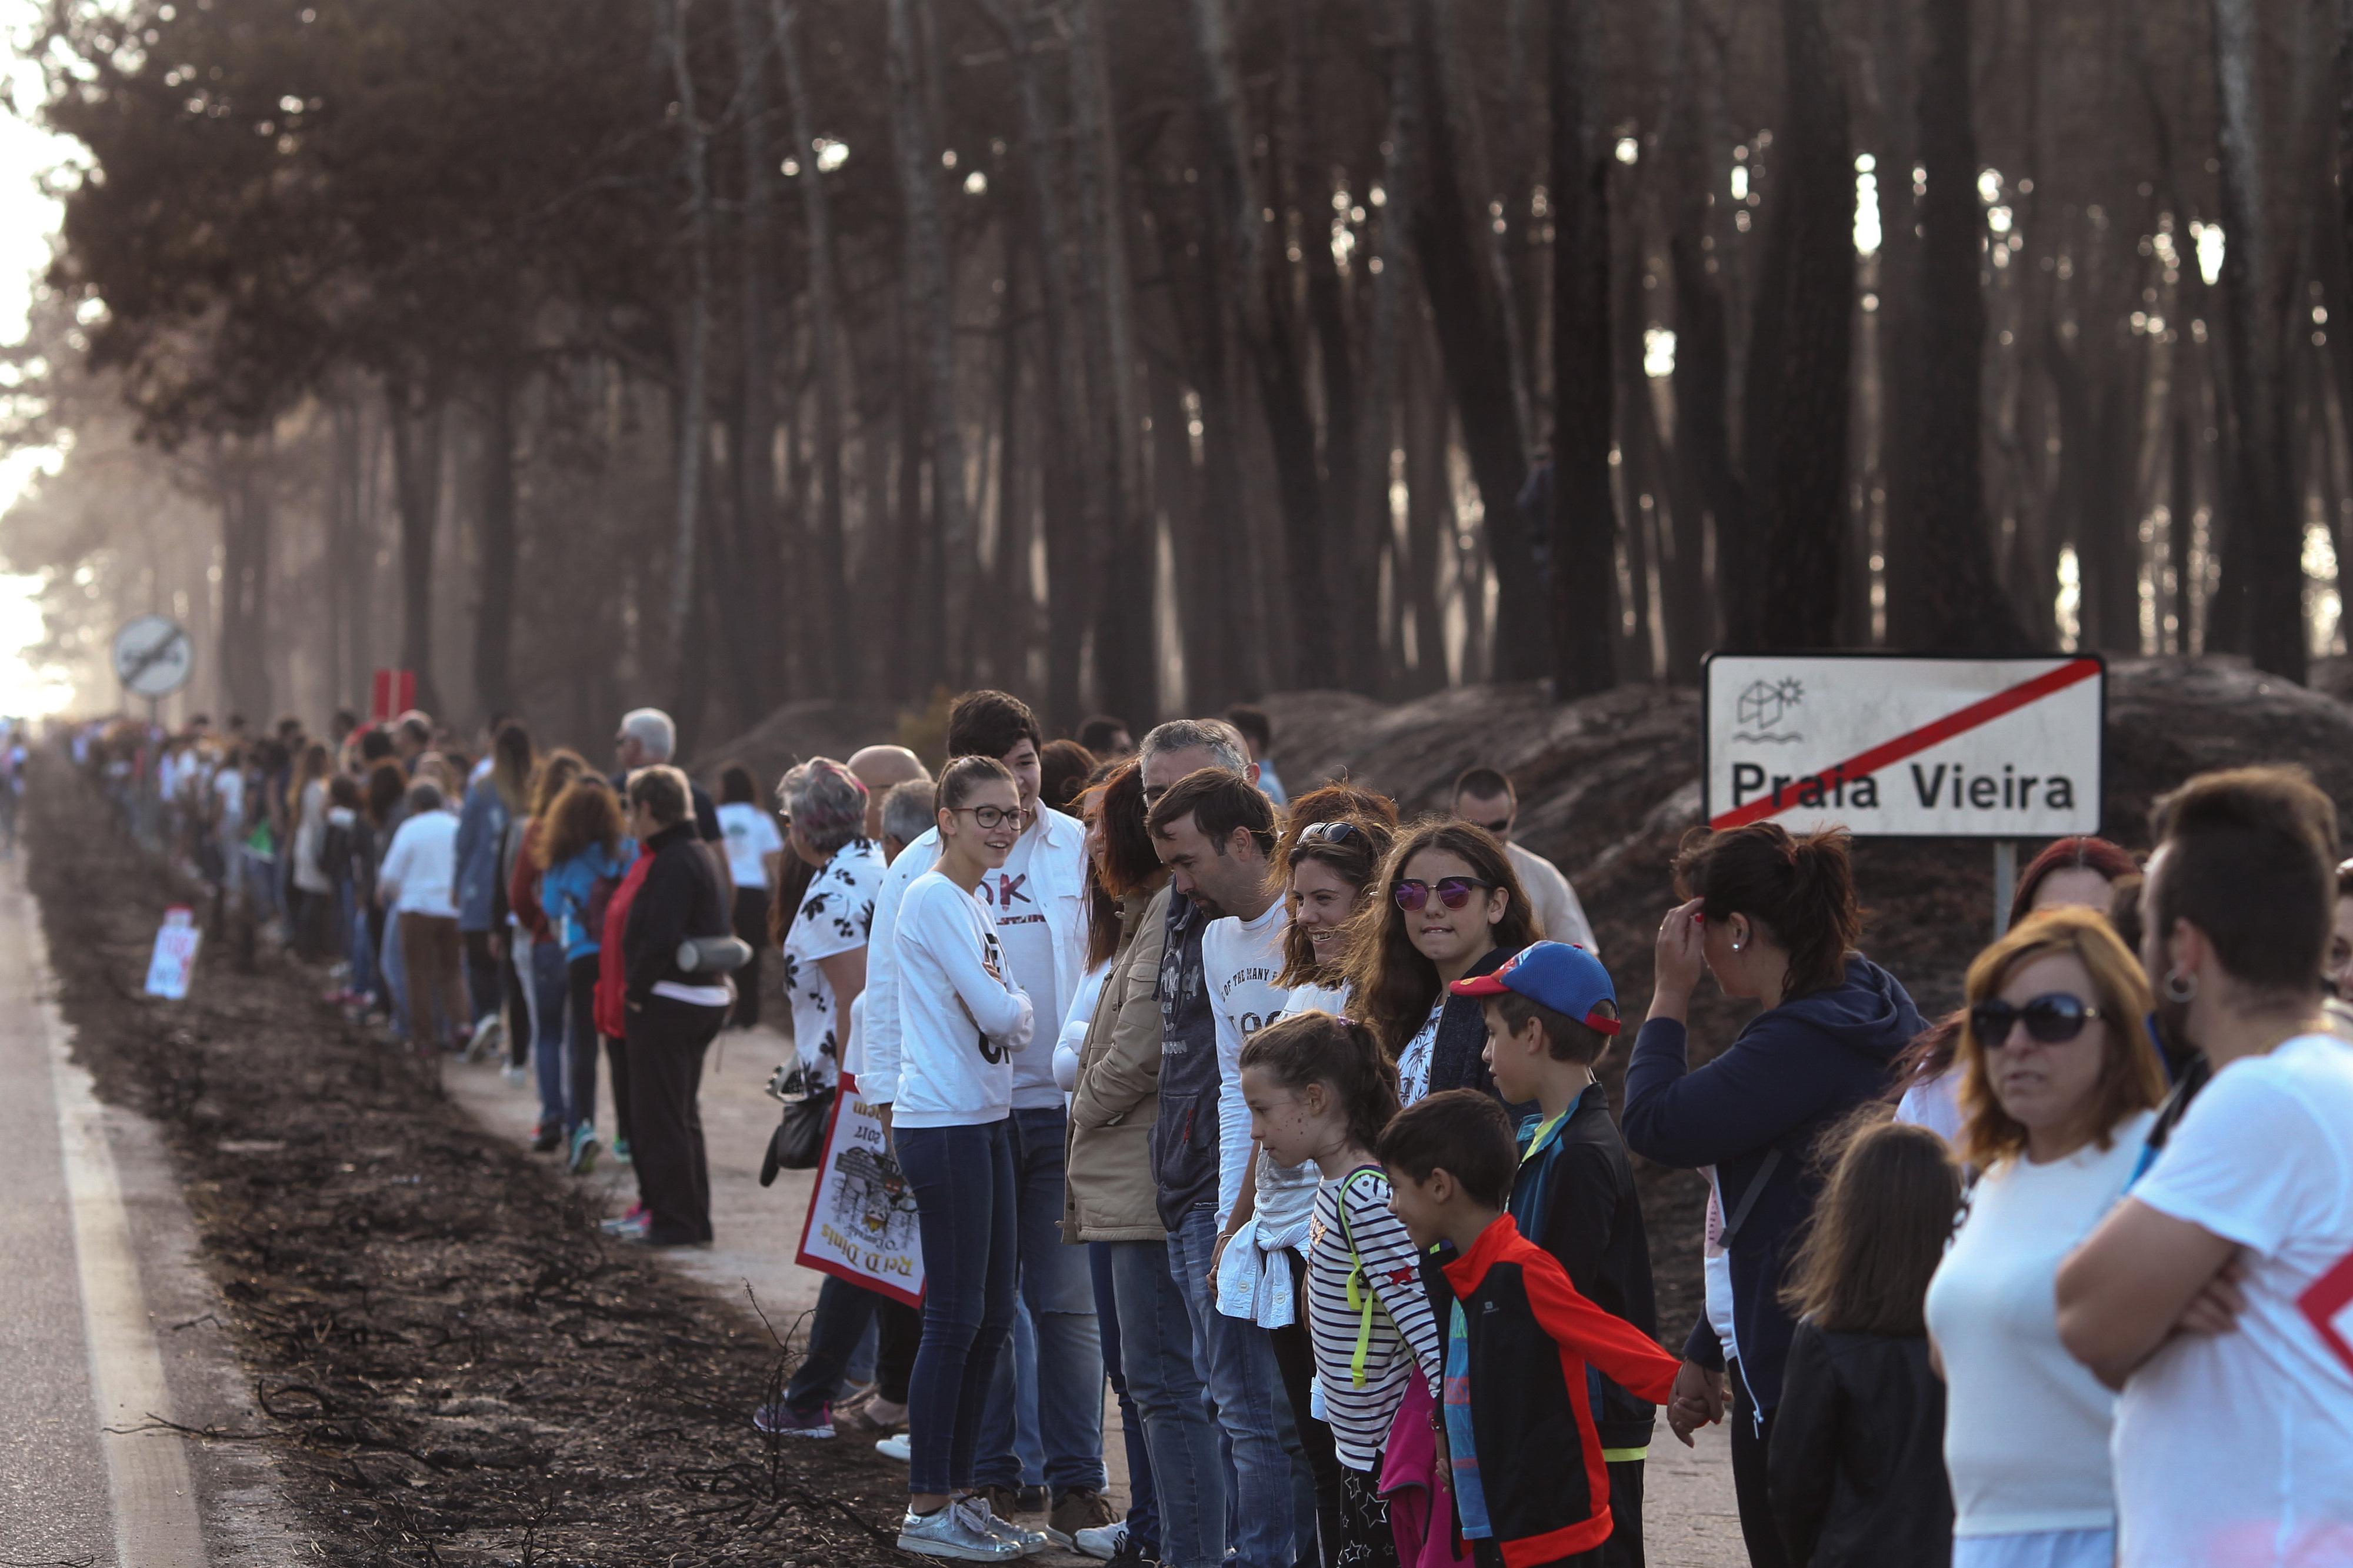 Milhares de pessoas em cordão humano na Praia da Vieira